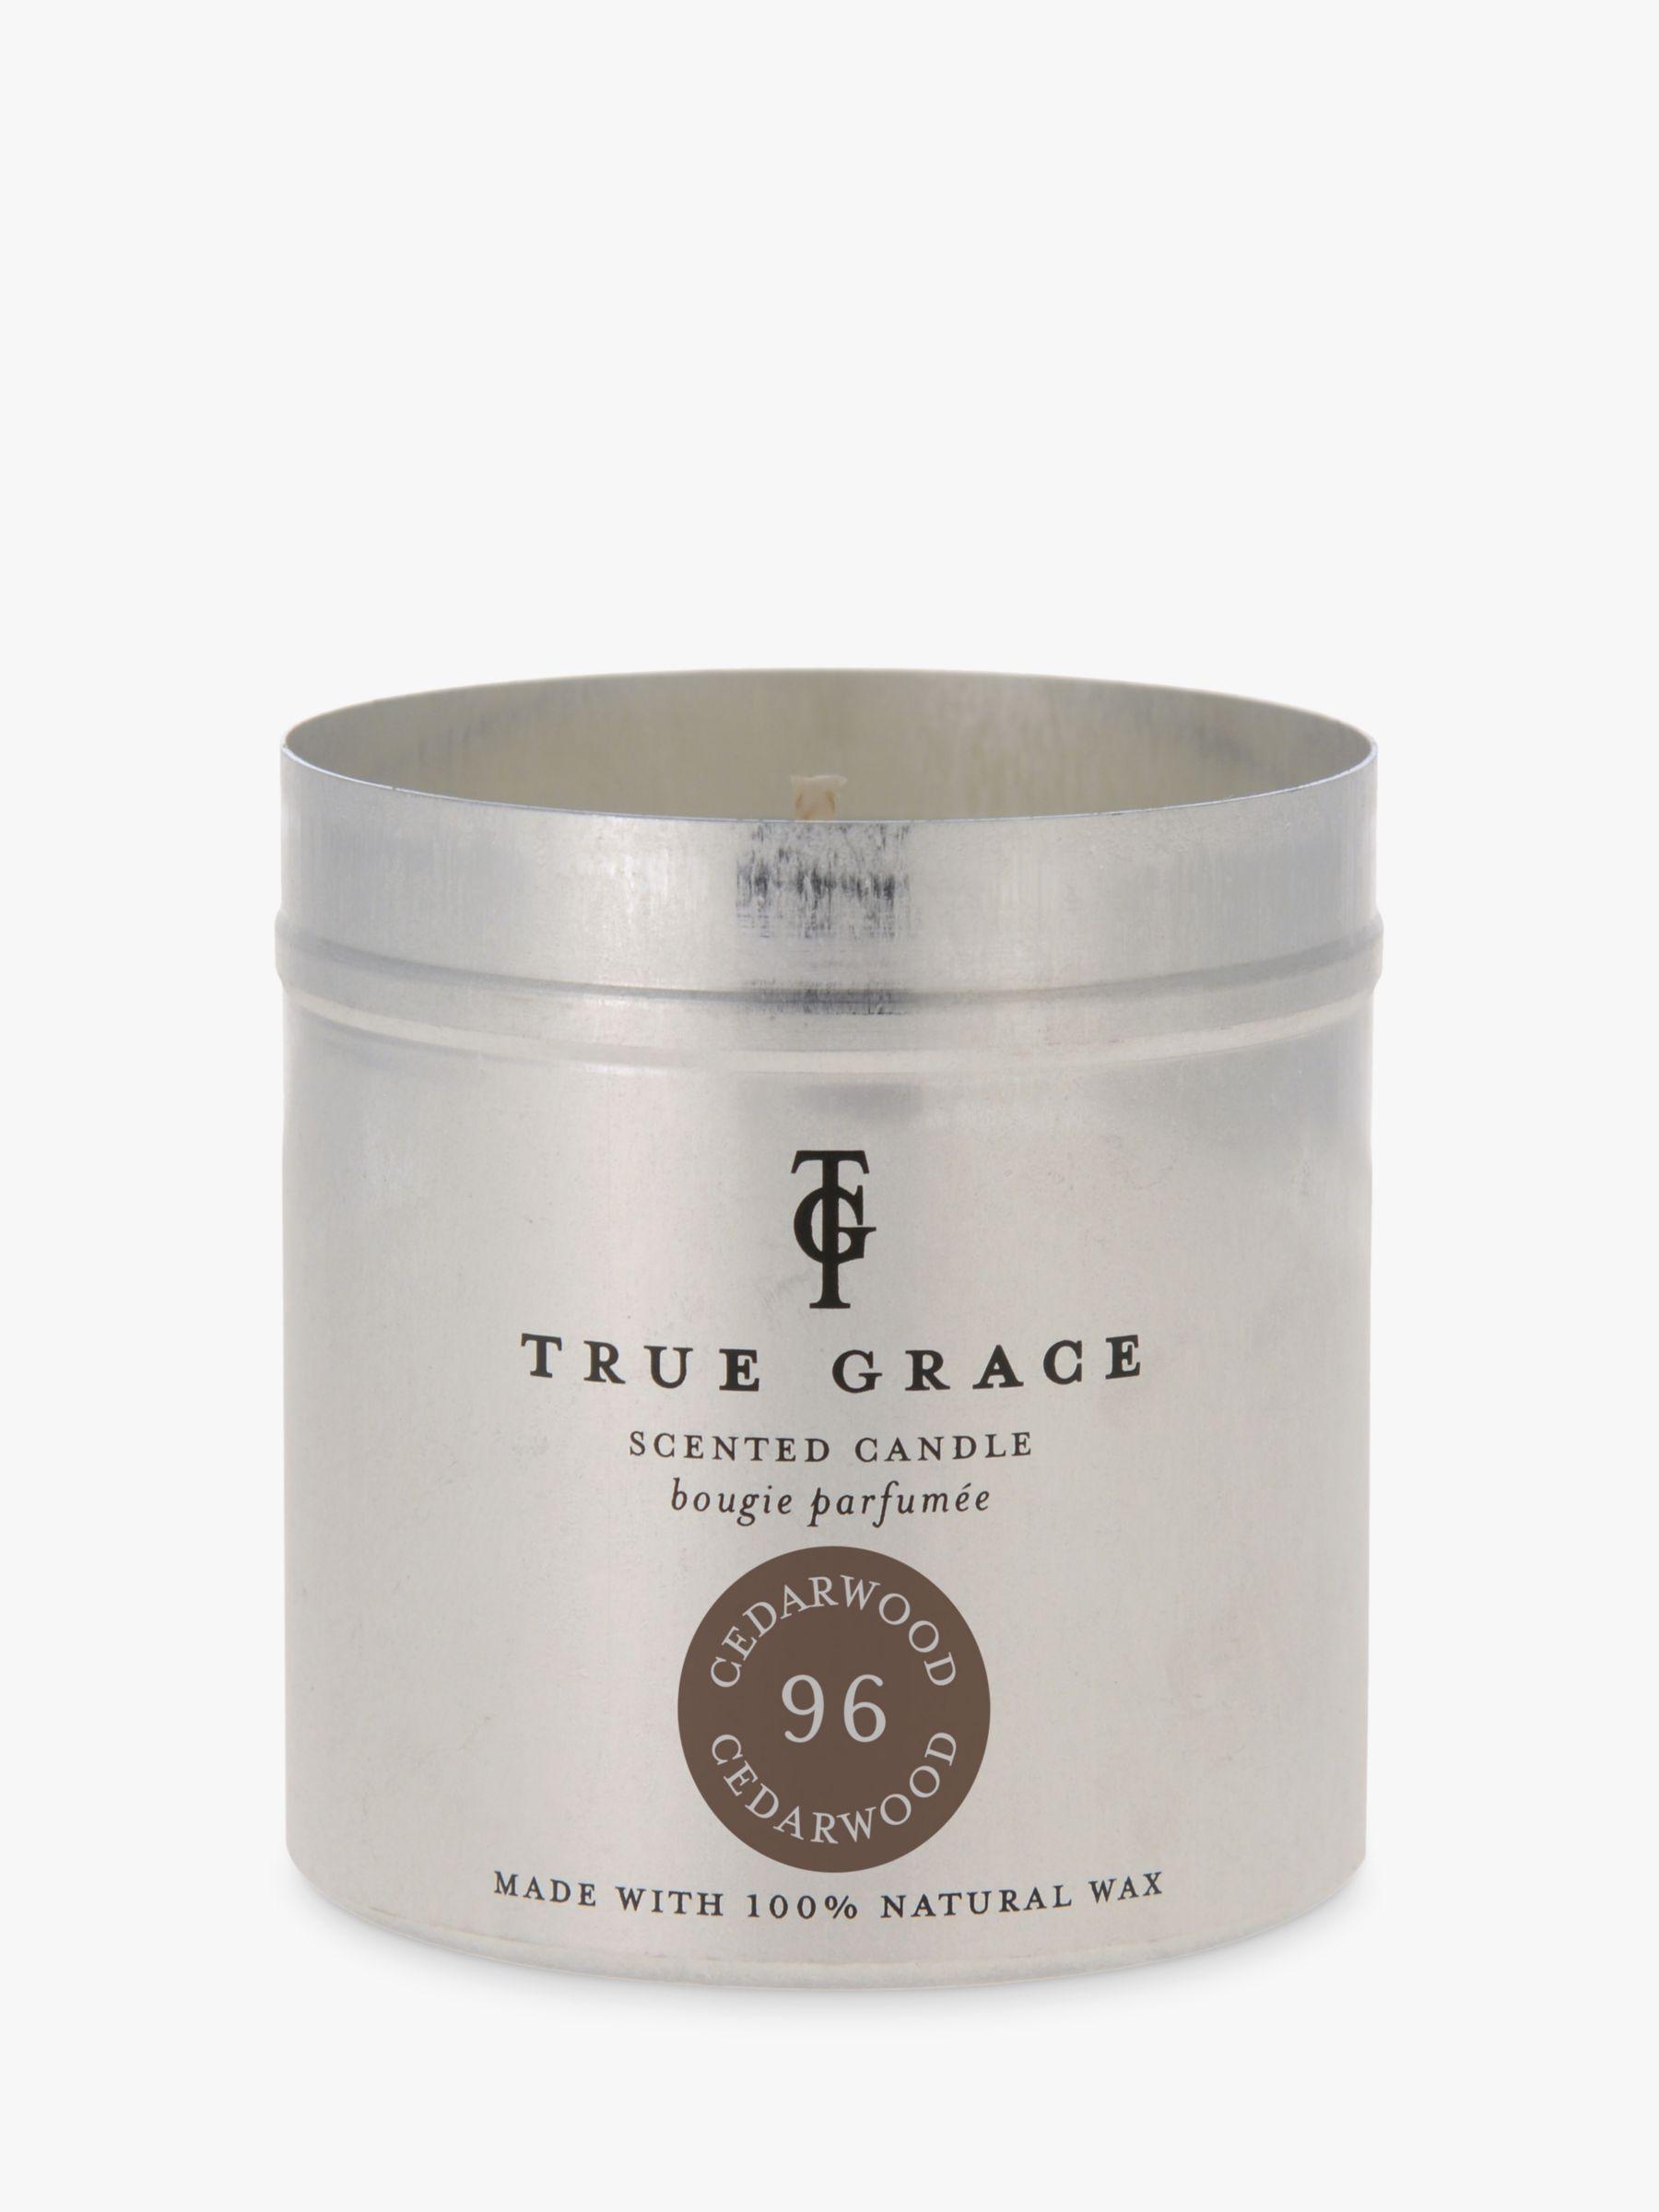 True Grace True Grace Cedarwod Scented Tin Candle, 290g